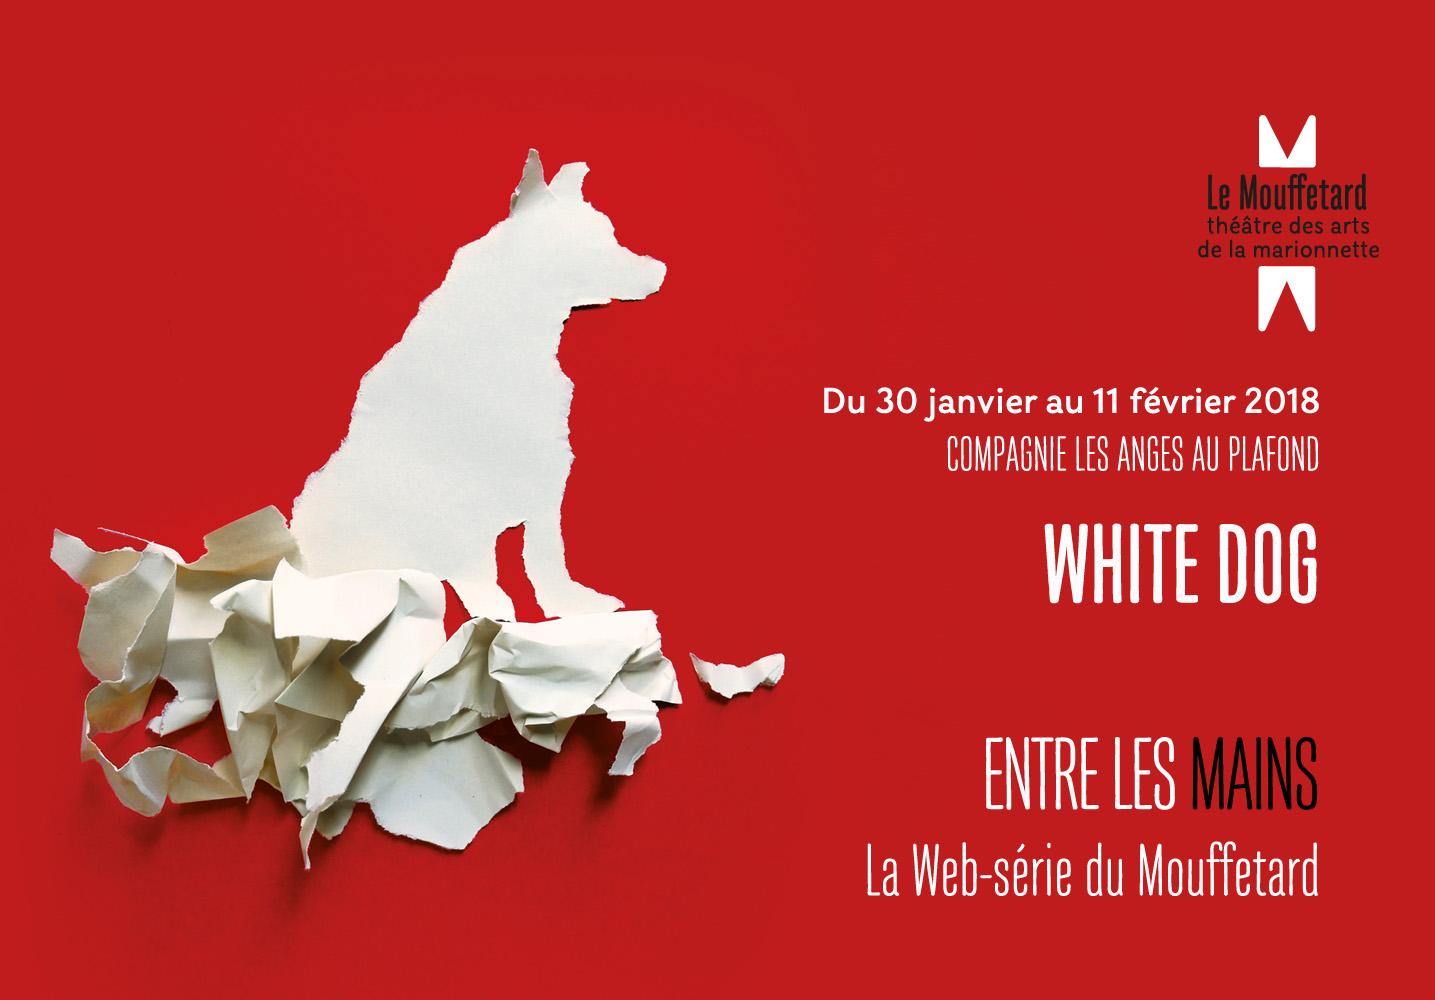 Web-série du Mouffetard - Théâtre - White Dog - Les Anges au plafond -